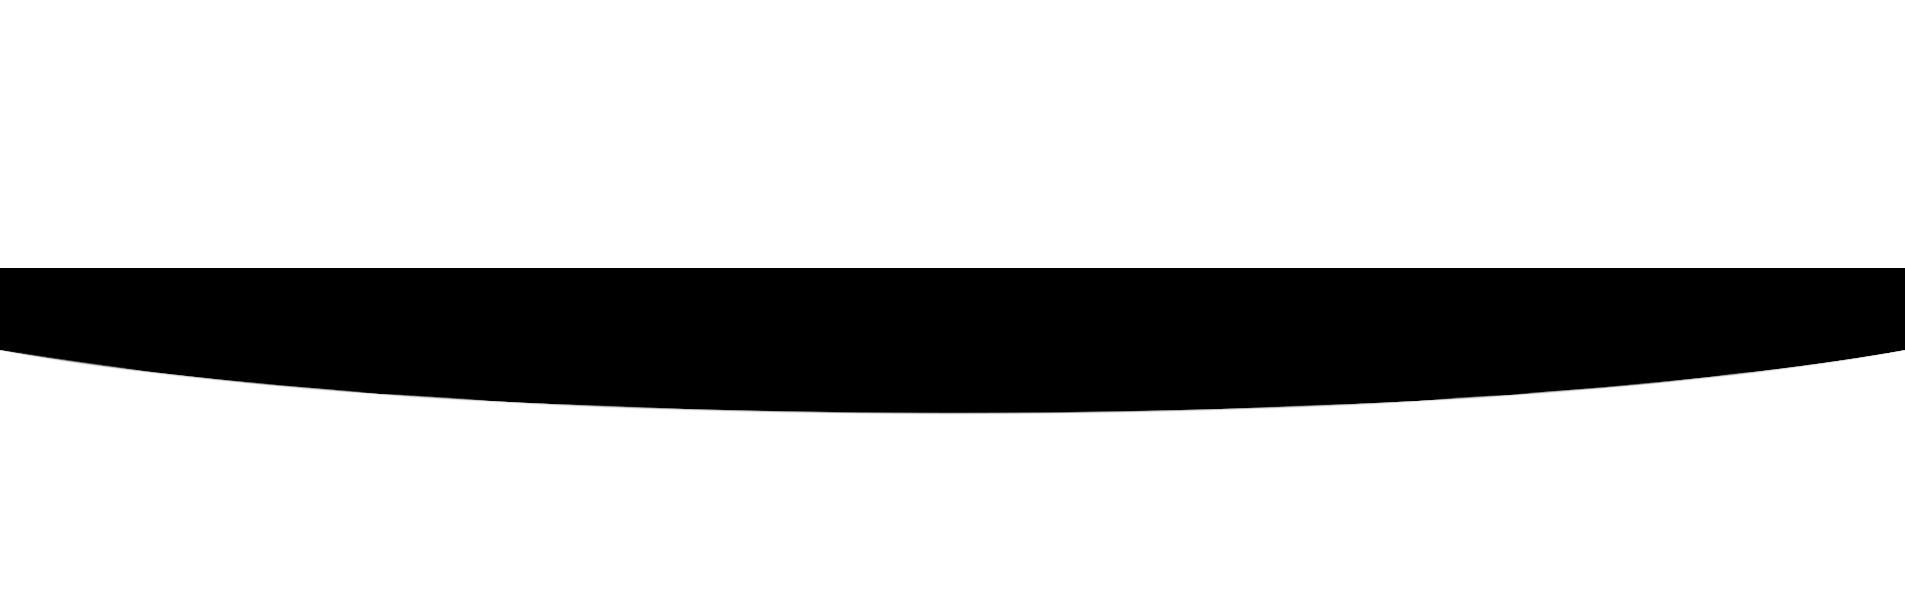 لایه هشتم اسلایدر گرین ورلد ، هویت بصری ، طراحی لوگو ، طراحی لوگوتایپ ، شرکت تبلیغاتی ، شرکت تبلیغاتی الف ، گرین ورلد ، کود مایع گرین ورلد ، طراحی هویت بصری